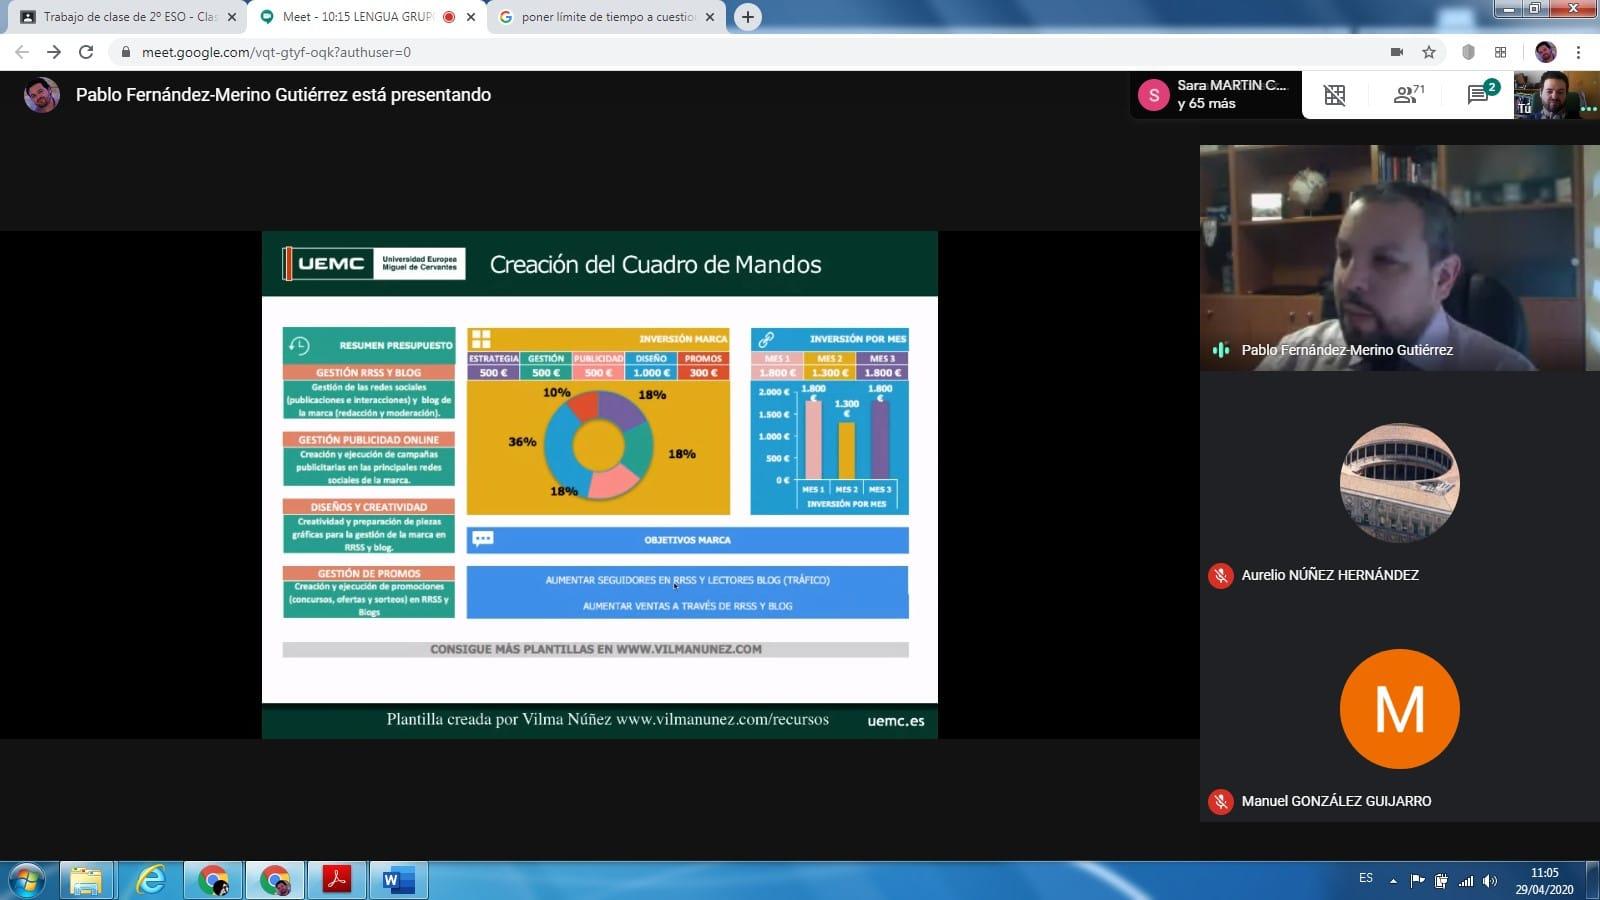 Visita virtual de un experto en publicidad a los alumnos de 2º ESO